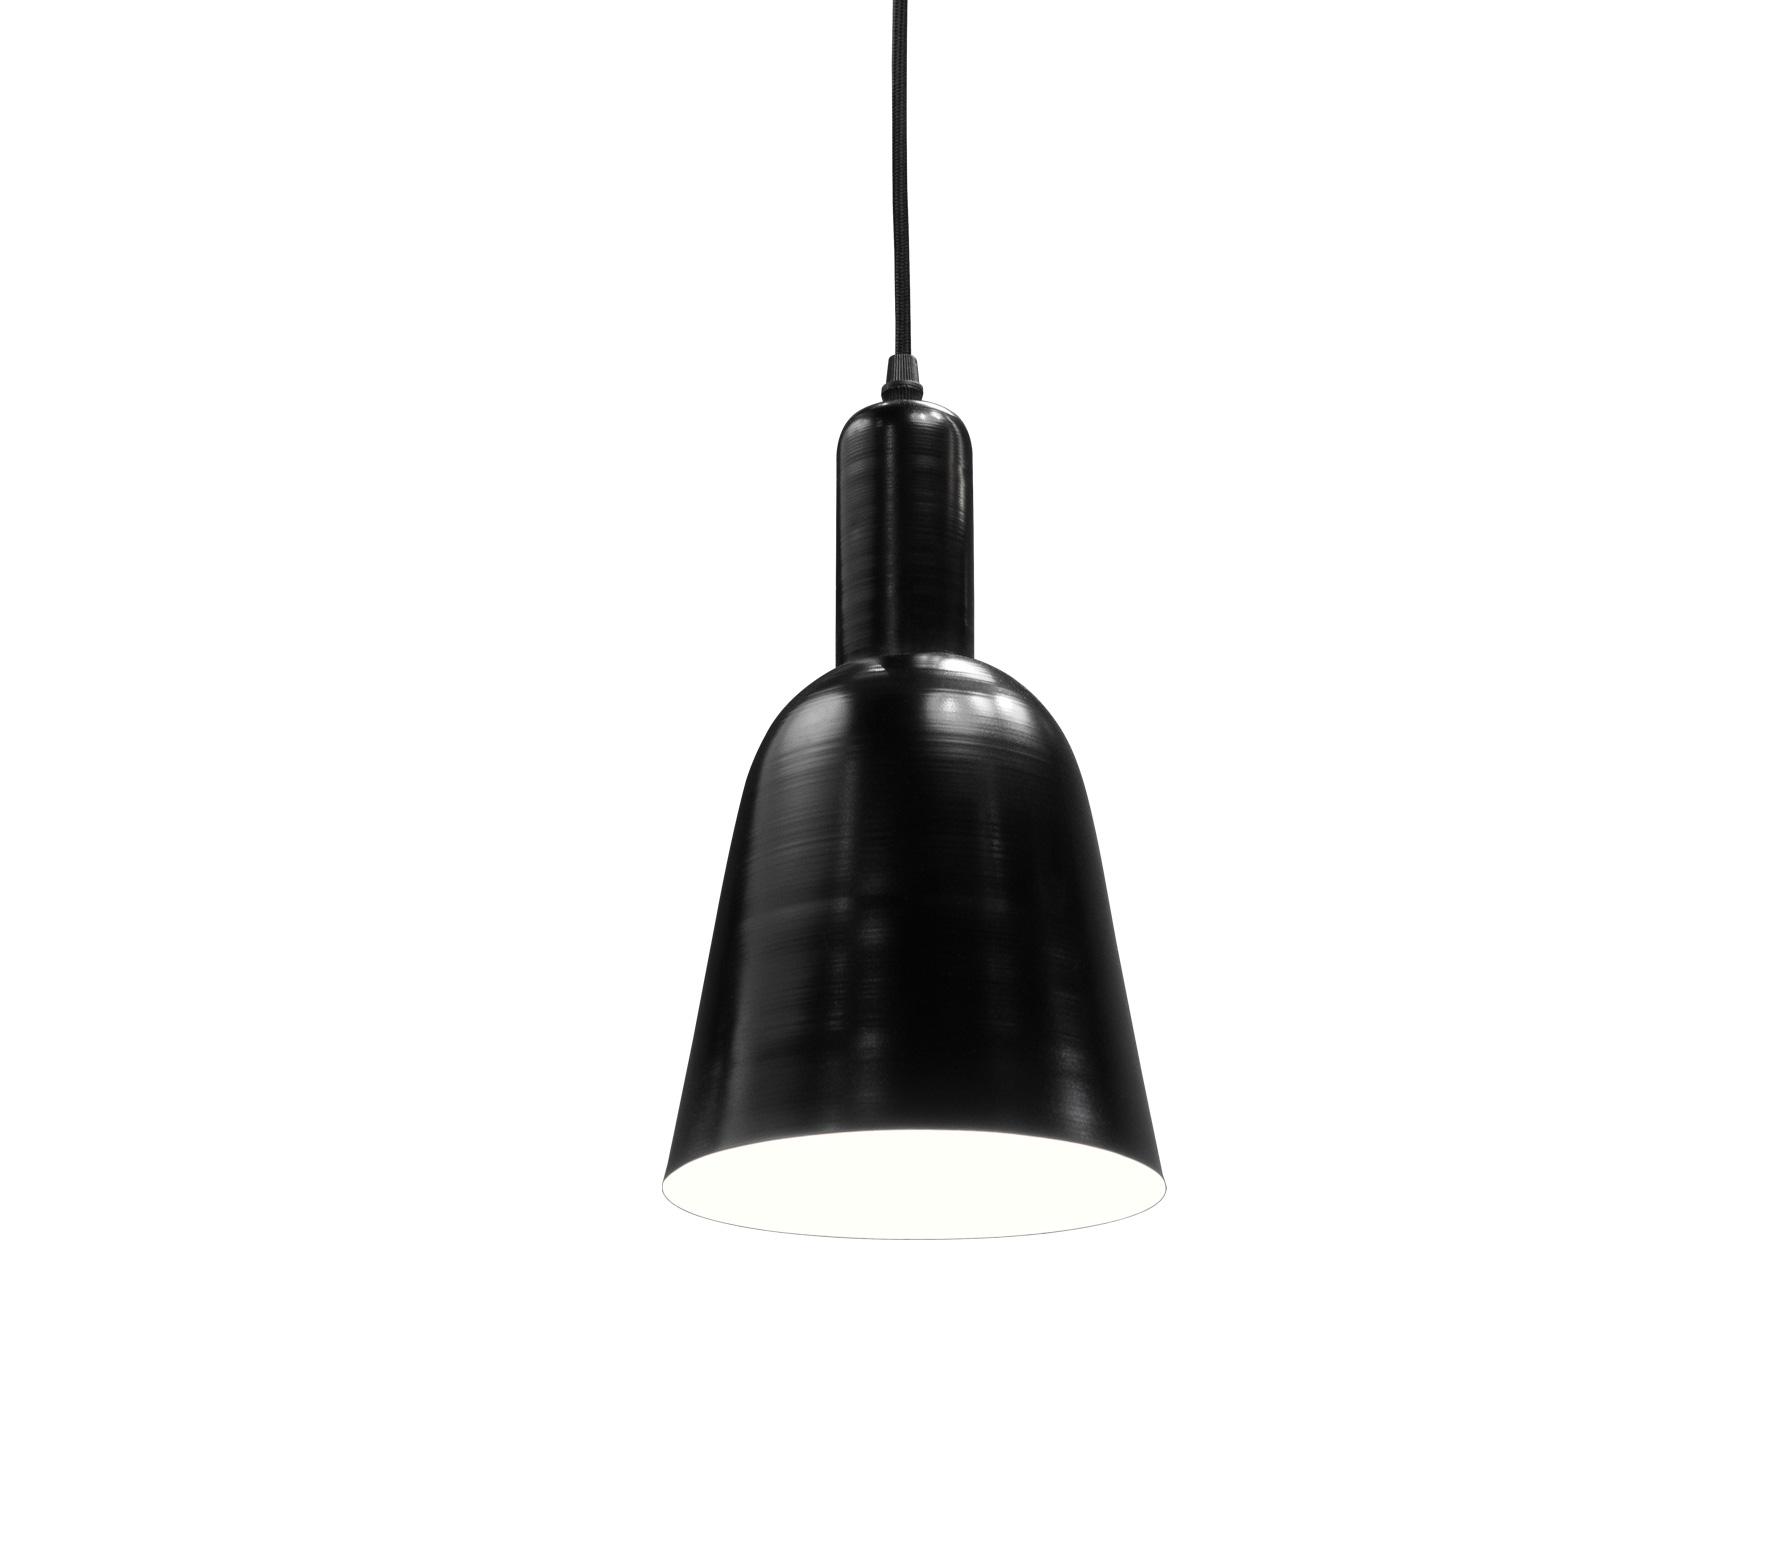 vtwonen Glow Hanglamp - Zwart